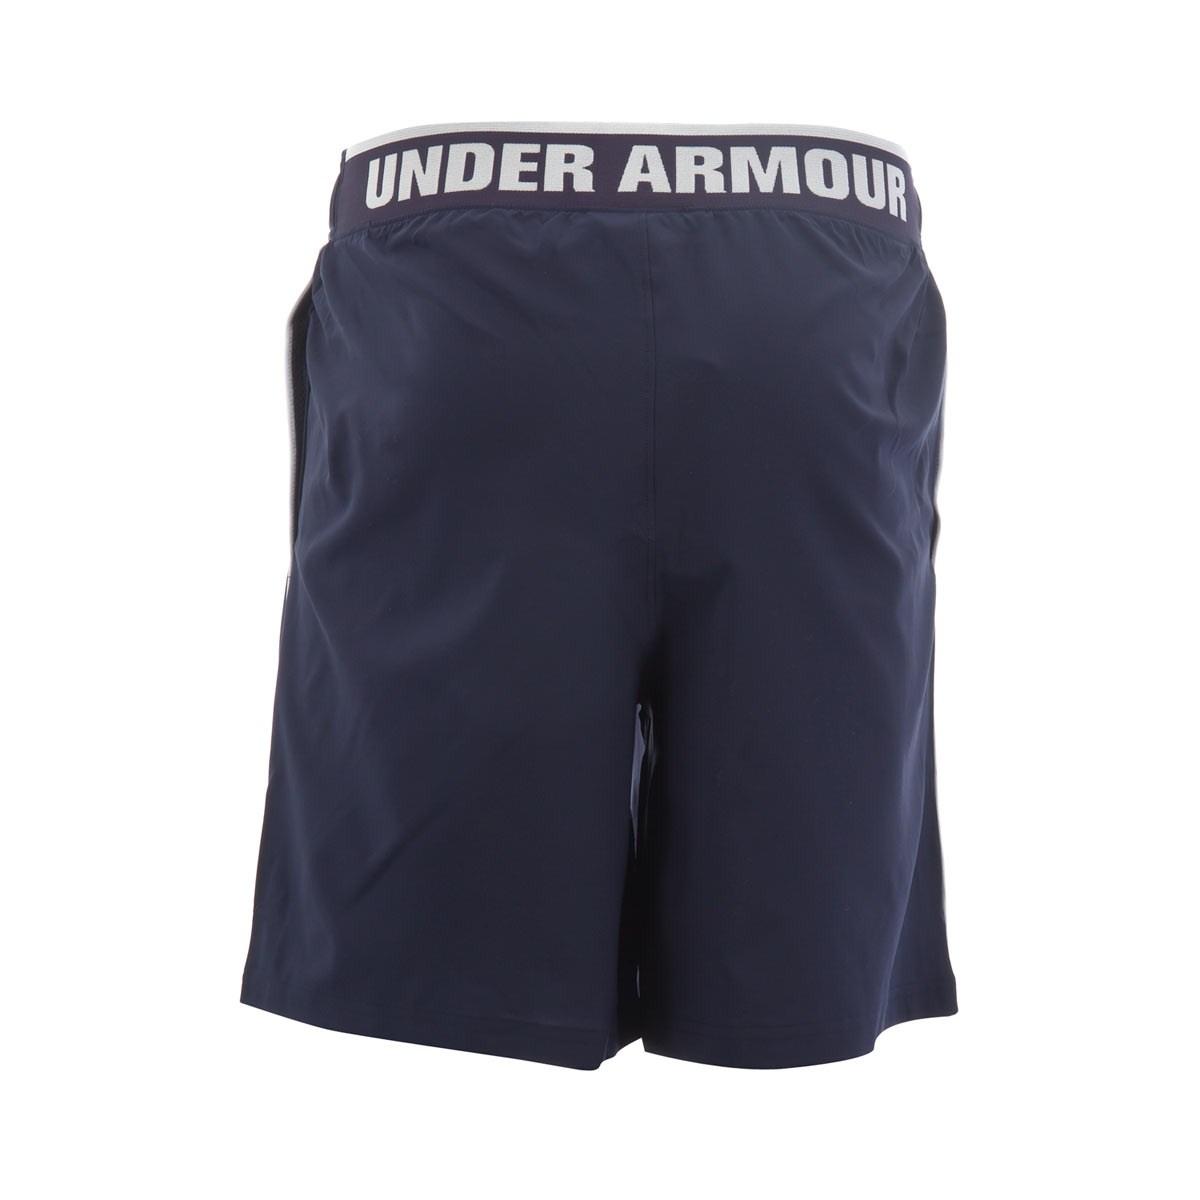 Under Armour Heatgear Mirage 8